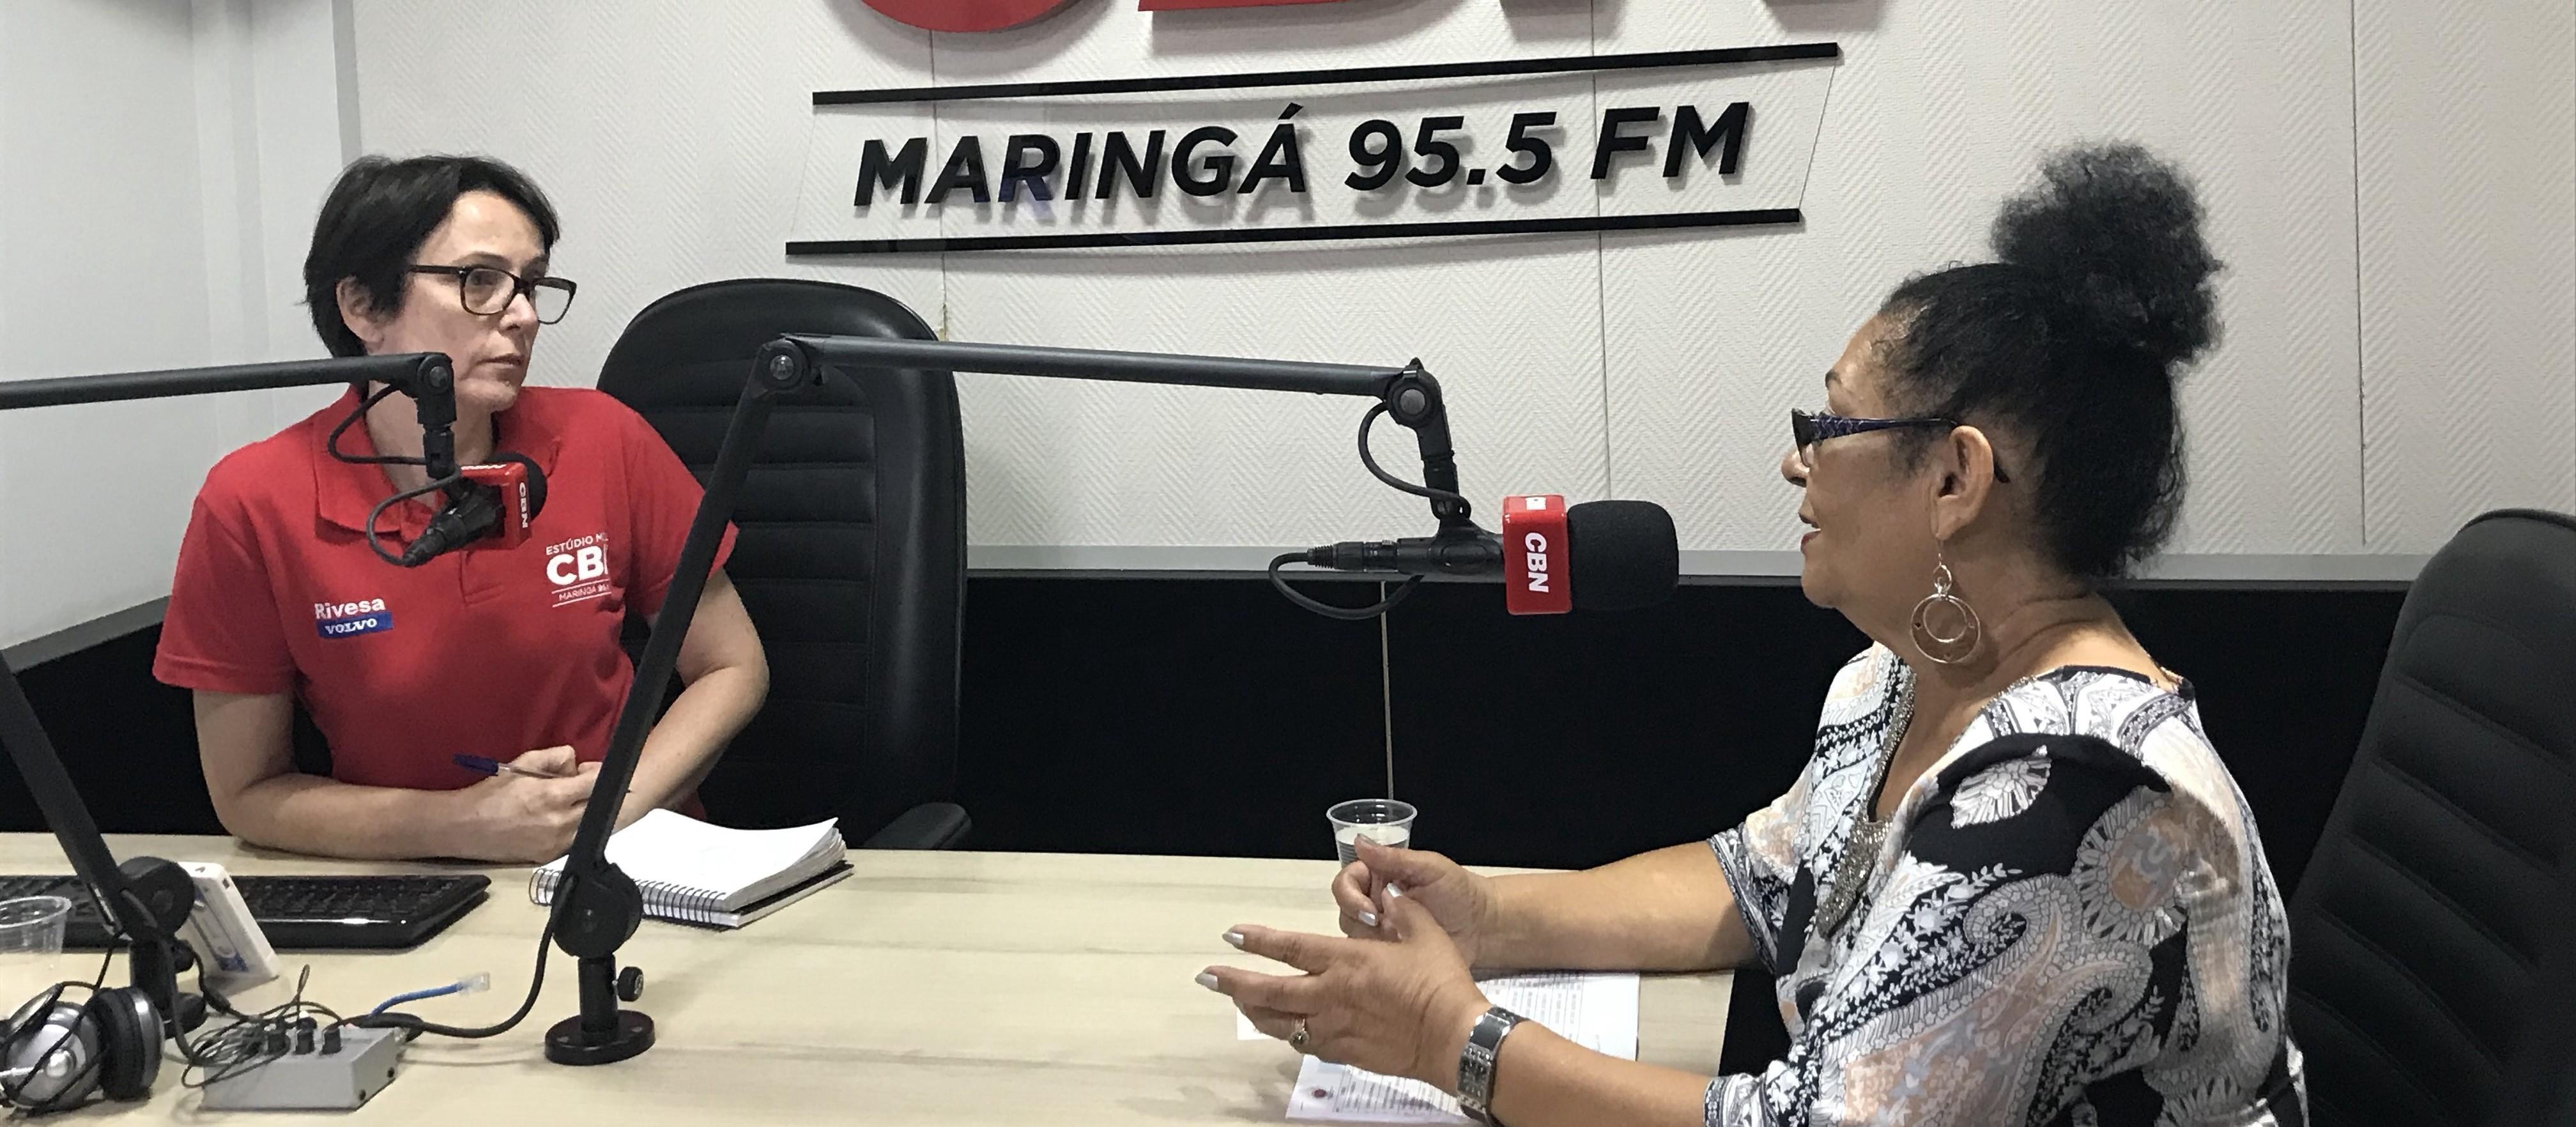 105 mulheres e crianças passaram pela Casa Abrigo de Maringá em 2017